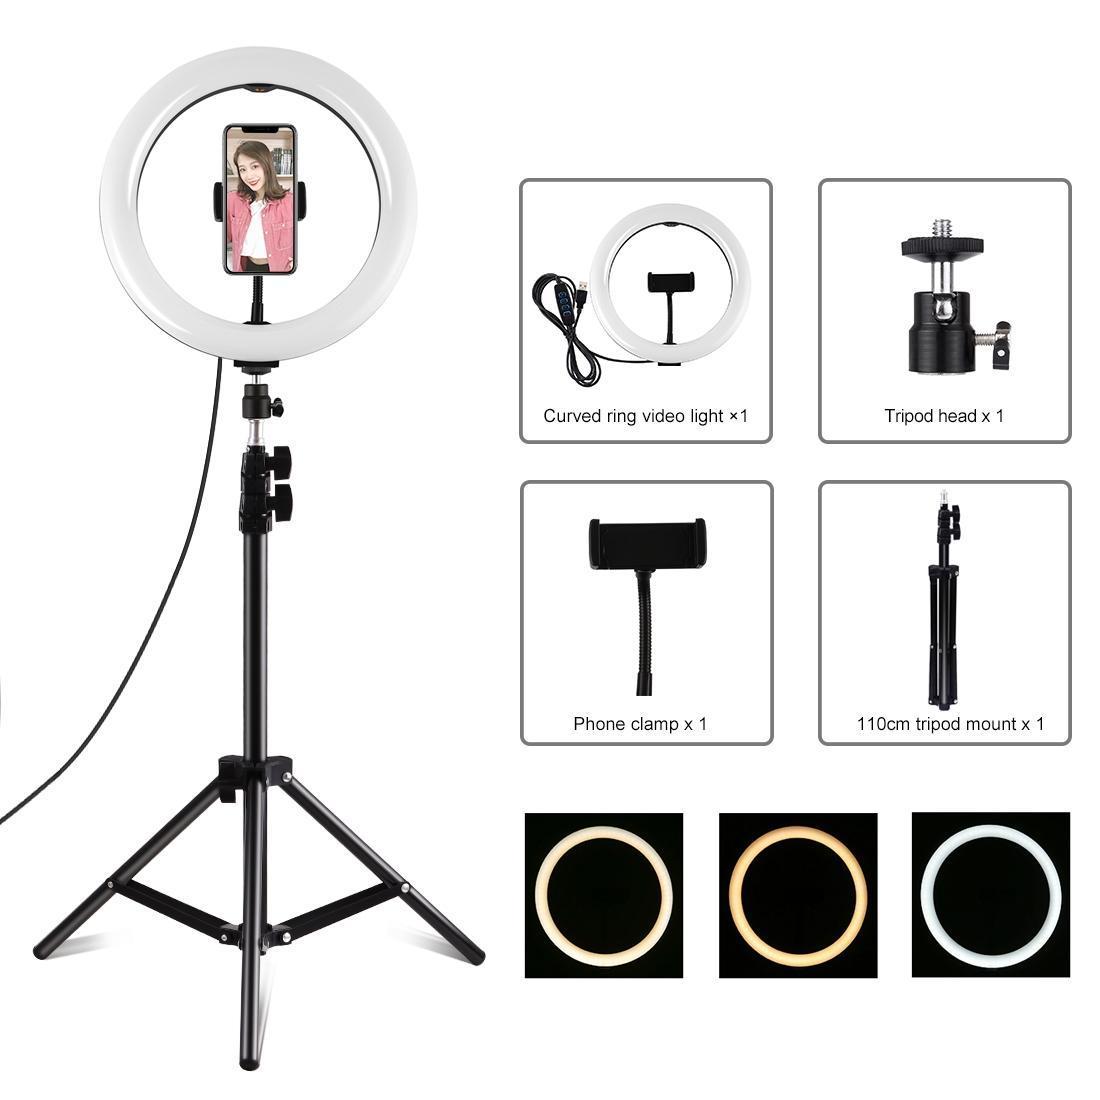 PULUZ 10.2 بوصة 26CM حلقة الضوء + 1.1M ترايبود جبل USB 3 طرق عكس الضوء المزدوج درجة حرارة اللون LED منحني منتشر الضوء مشاركة في مدونة فيديو صورة شخصية بو